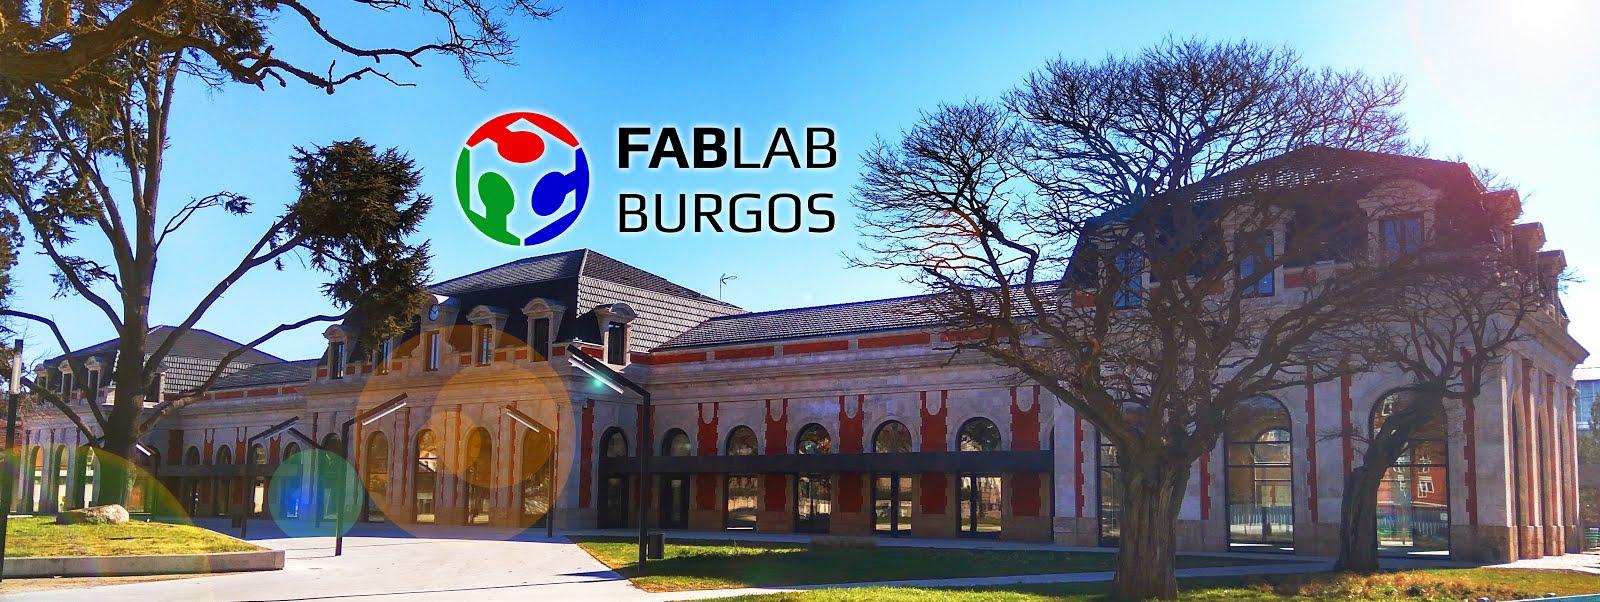 FabLab Burgos